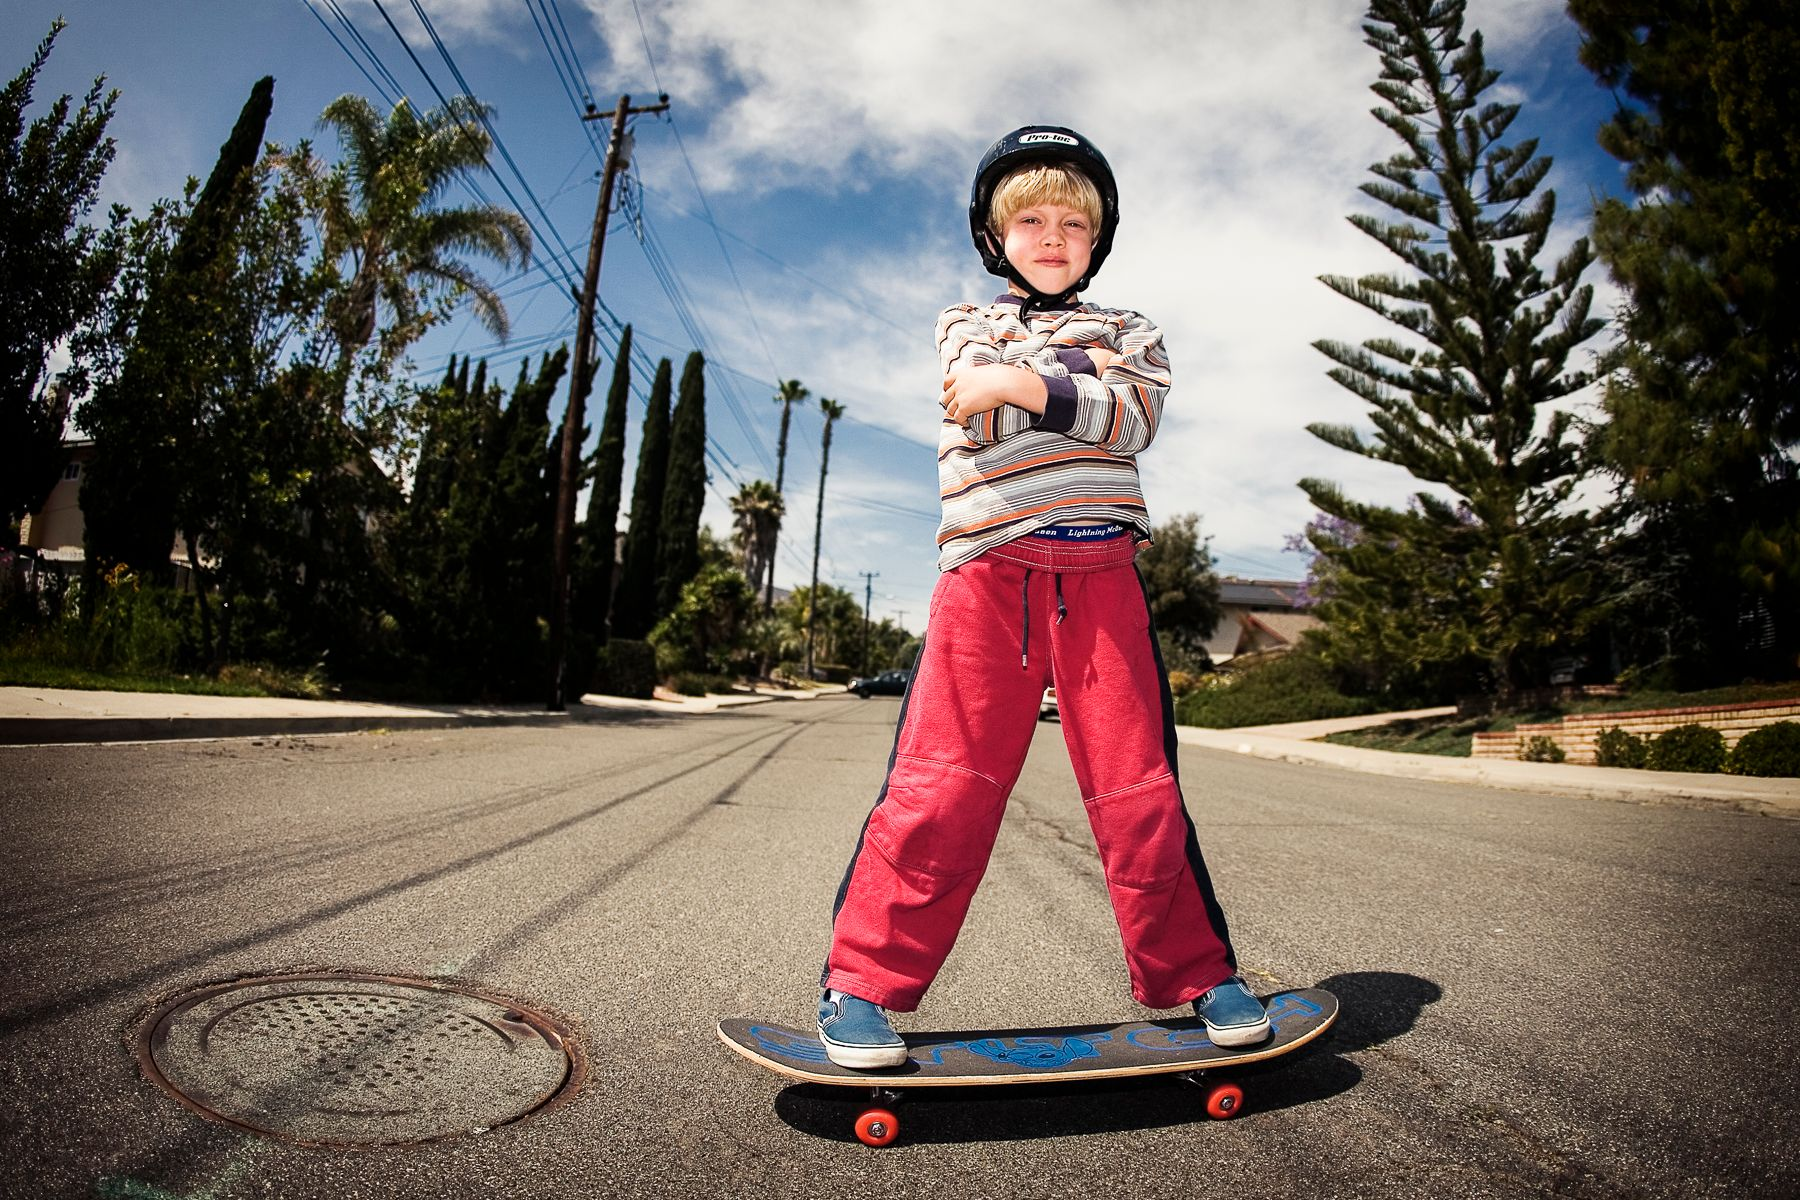 jackskateboard.jpg